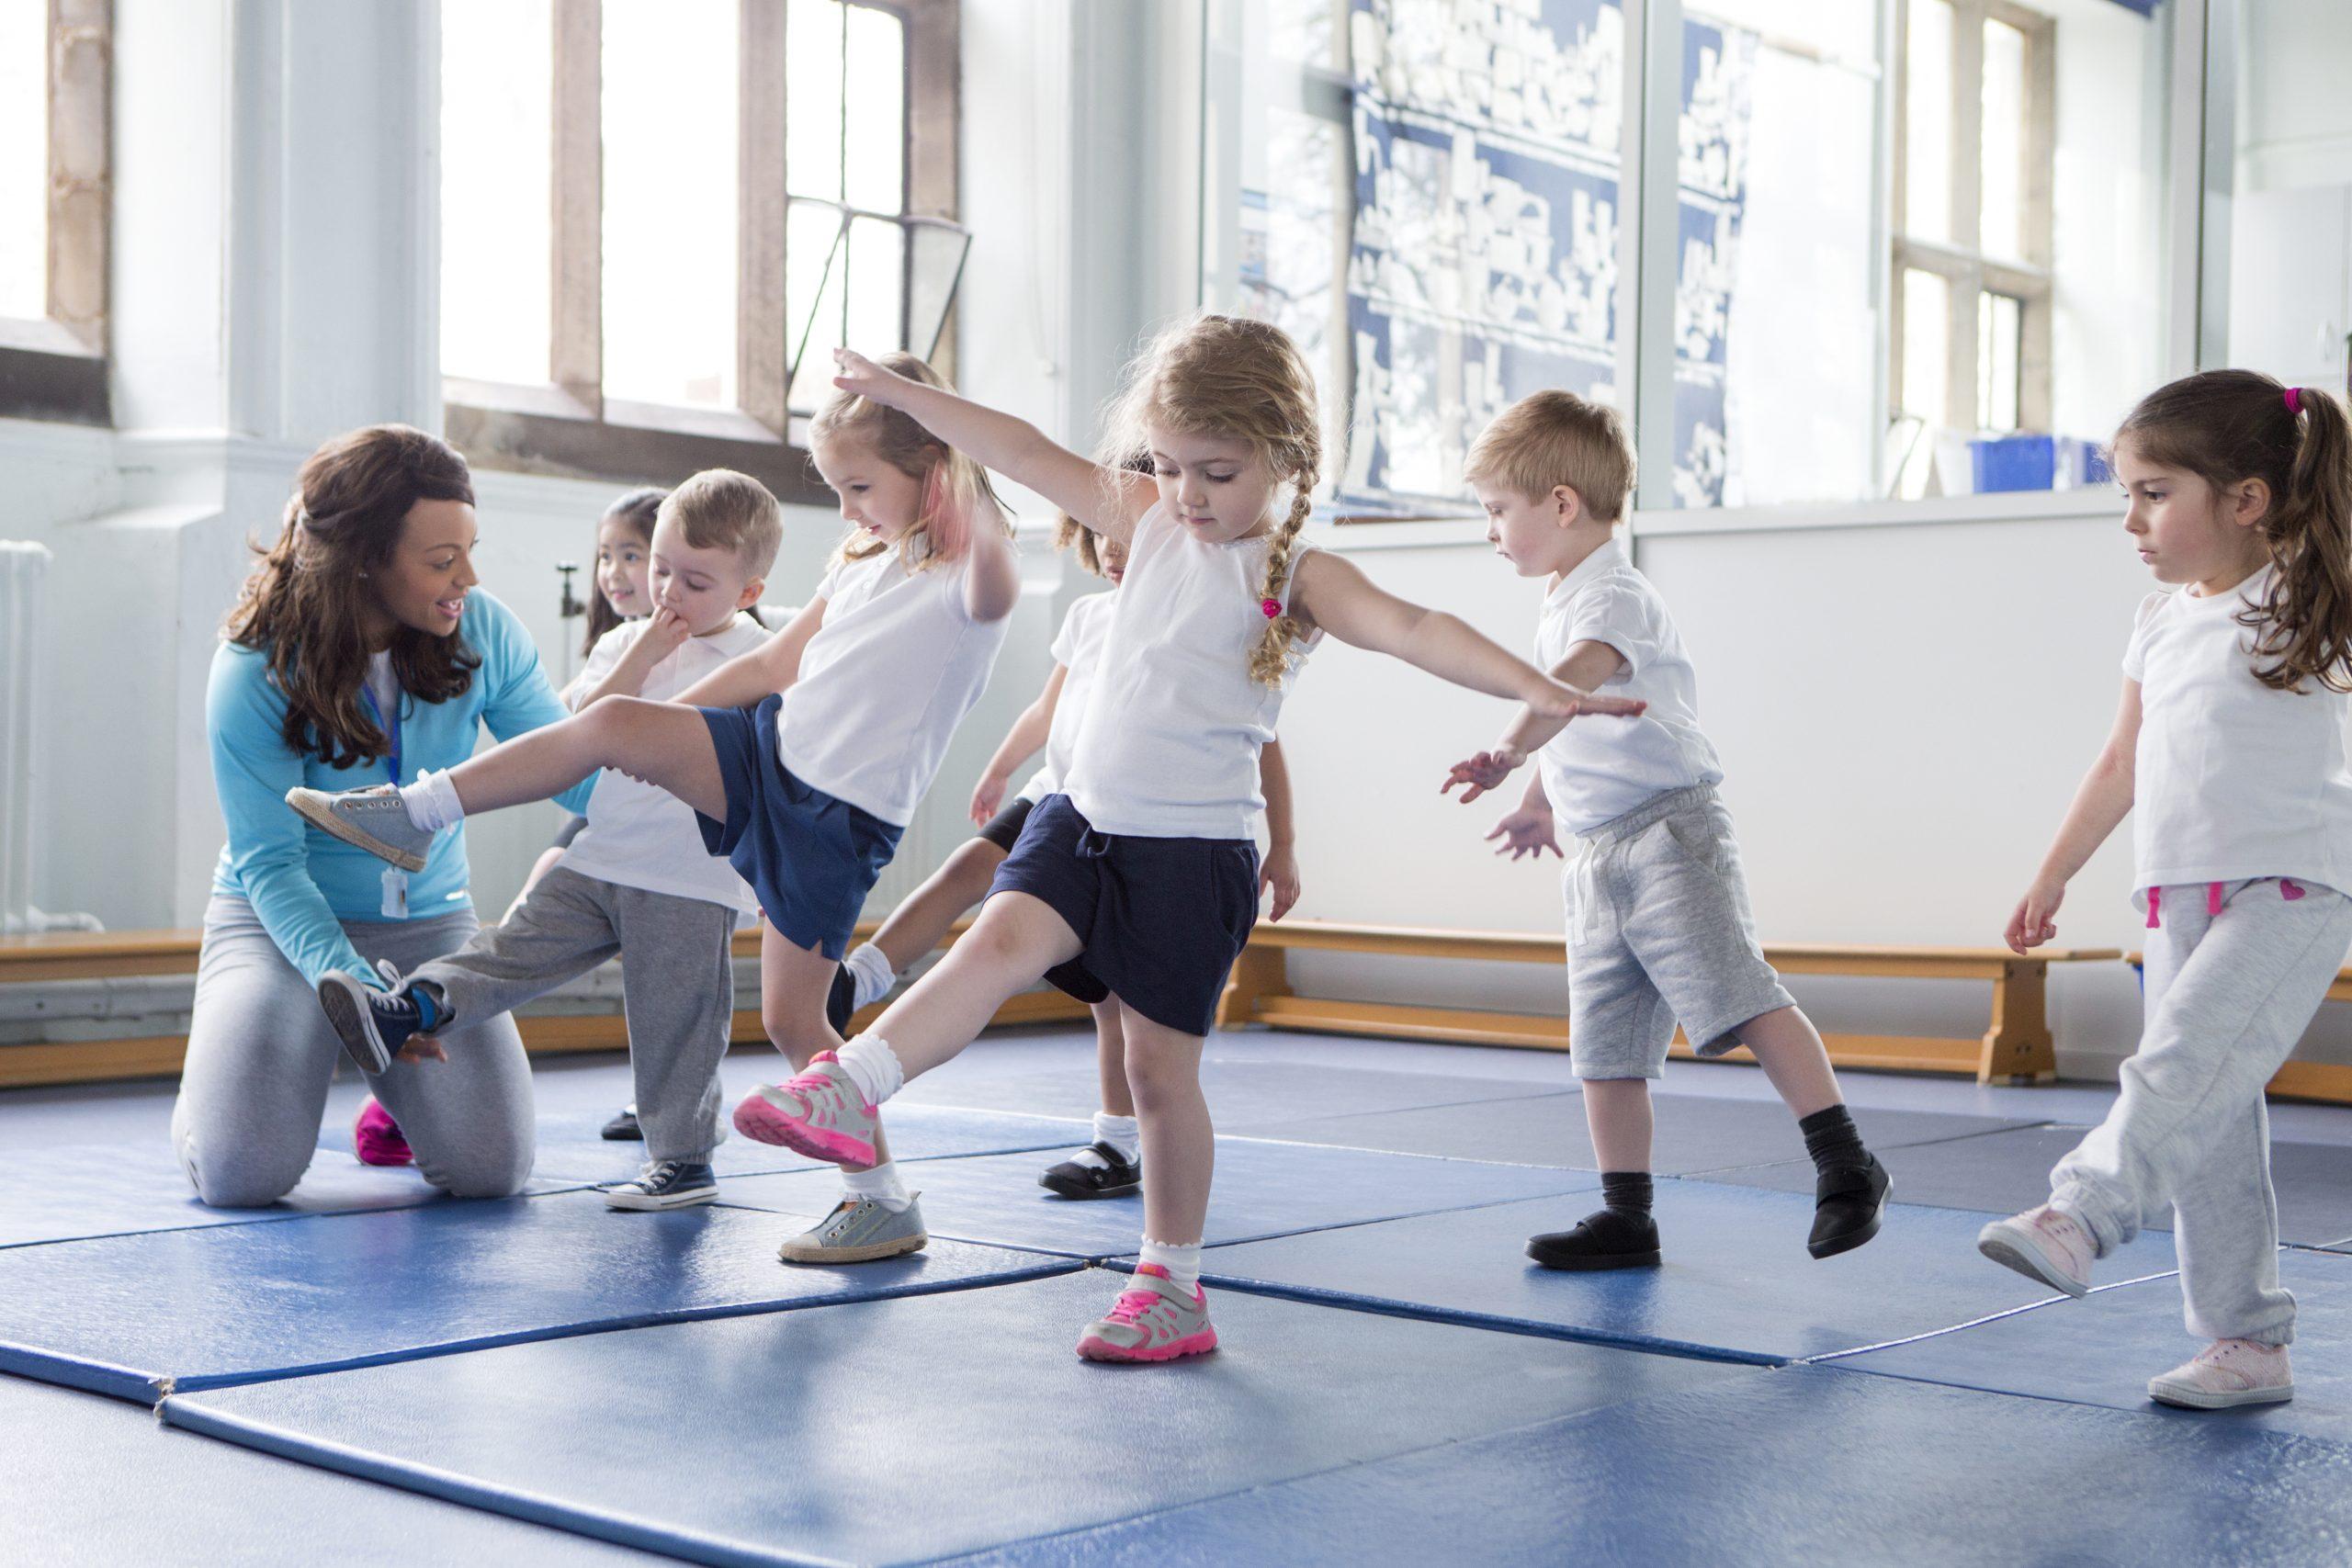 Sportübungen mit jungen Mädchen und Jungs - Deutsches Ferninstitut für Bildung, Pädagogik und Sozialmanagement GmbH